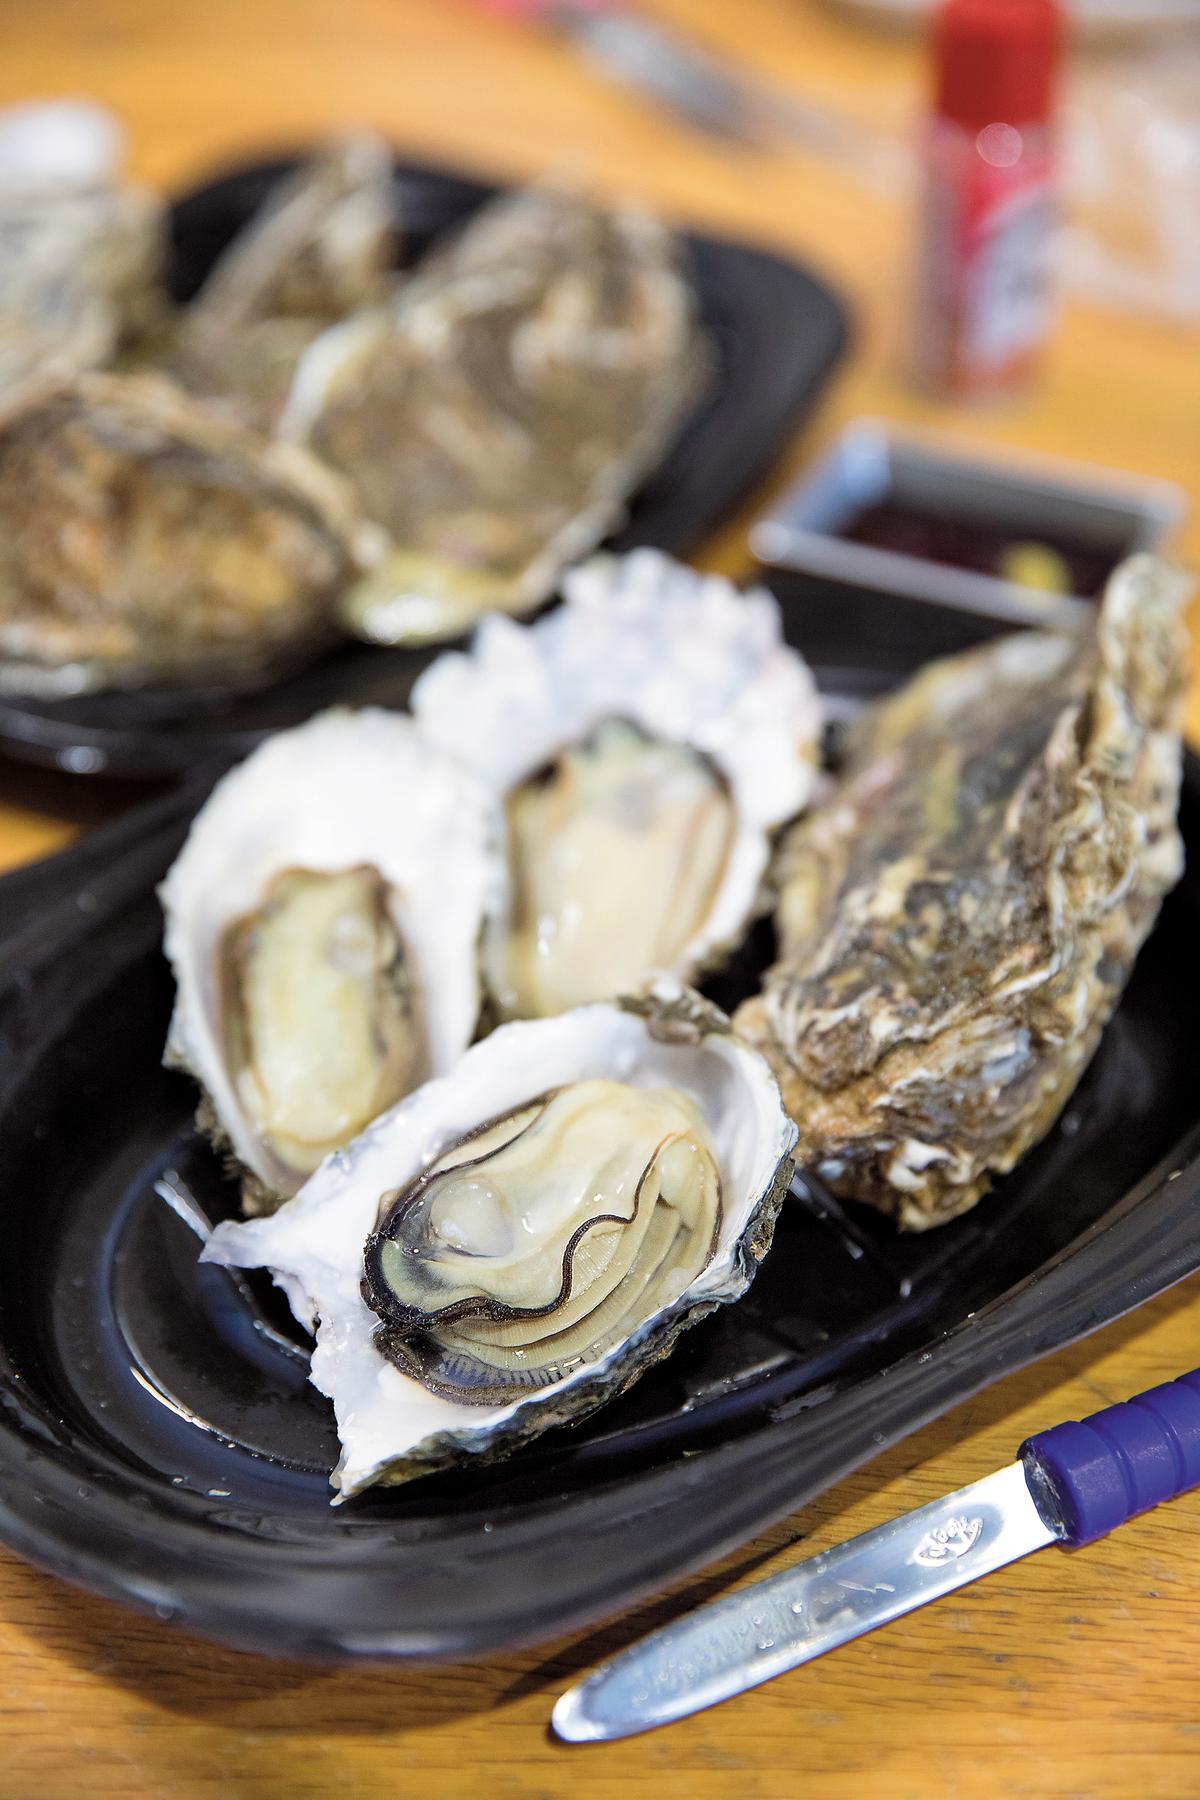 厚岸養殖的純種牡蠣,體積小、形狀圓,滋味較濃。(130日圓/顆,約NT$34)